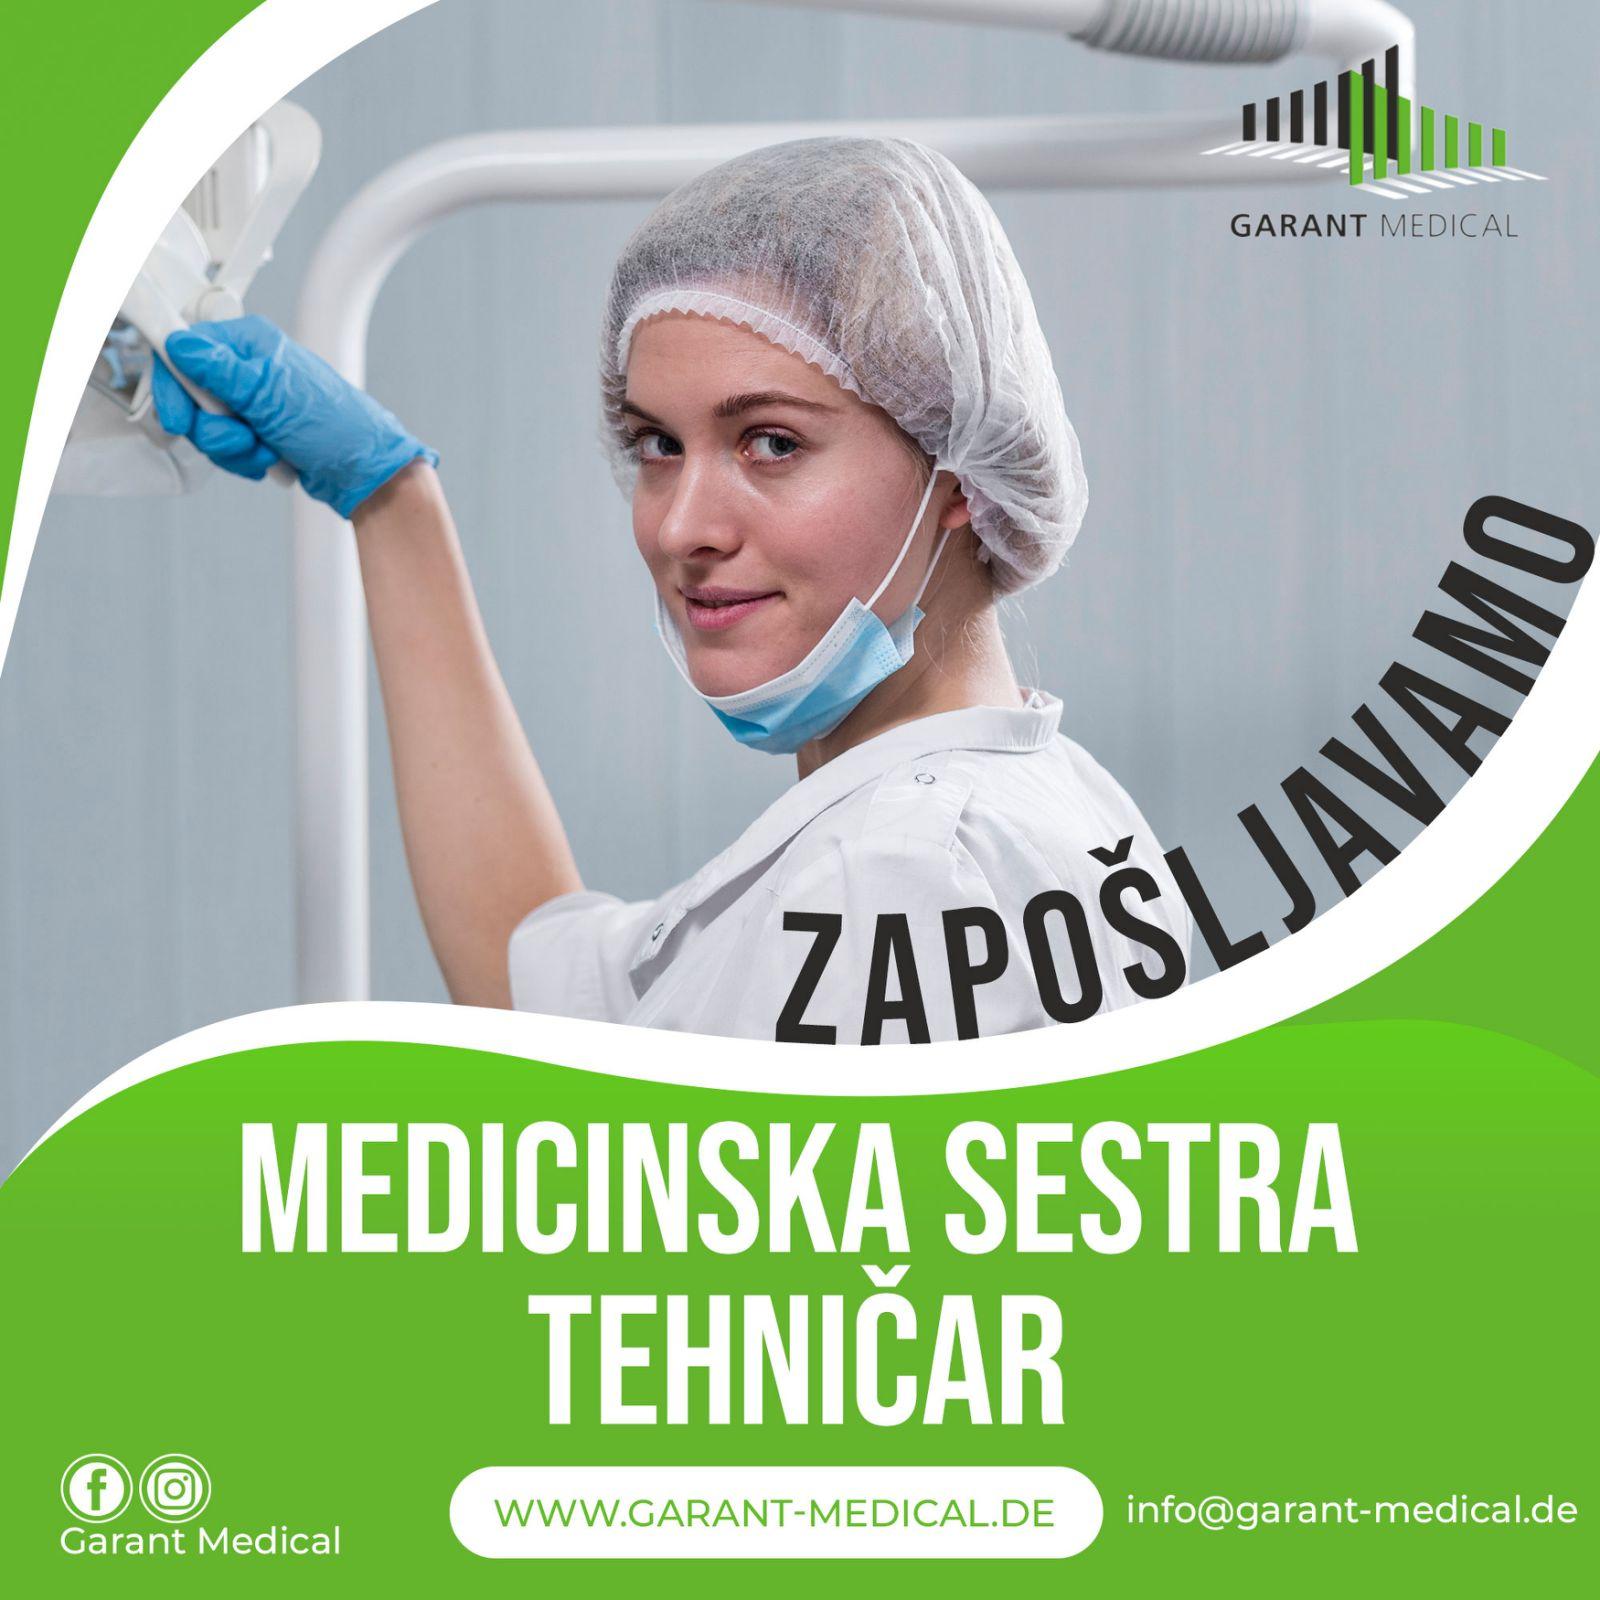 Grant Medical eröffnet eine Repräsentanz für die Personalregion Balkan Medical